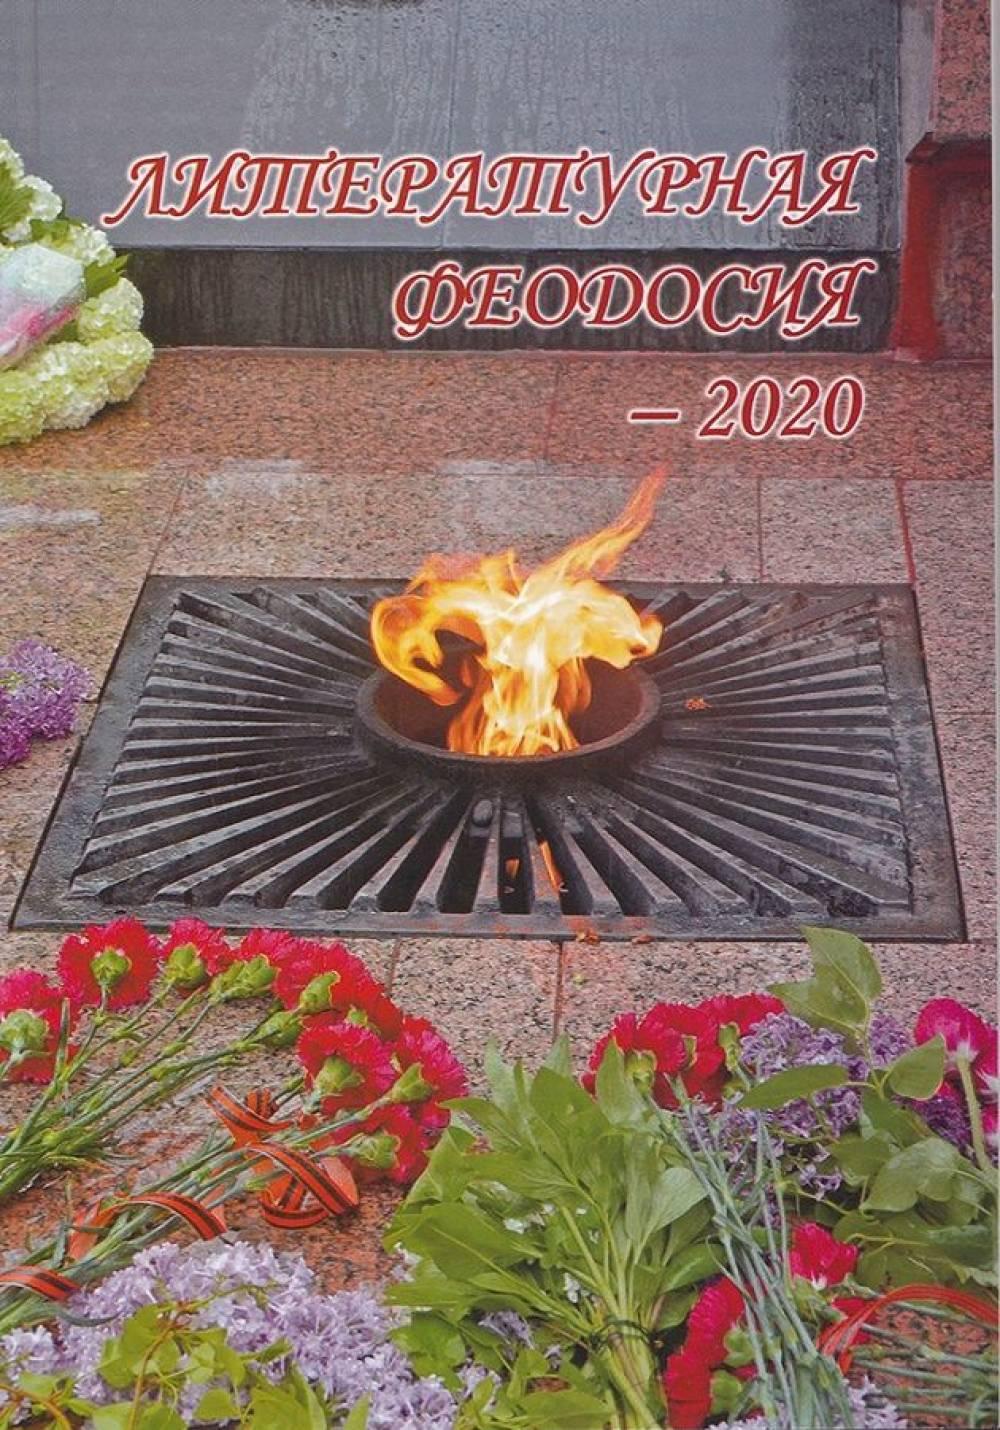 В феодосийском Музее Марины и Анастасии Цветаевых 1 августа в 14:30 состоится презентация ежегодного сборника поэзии и прозы «Литературная Феодосия-2020».